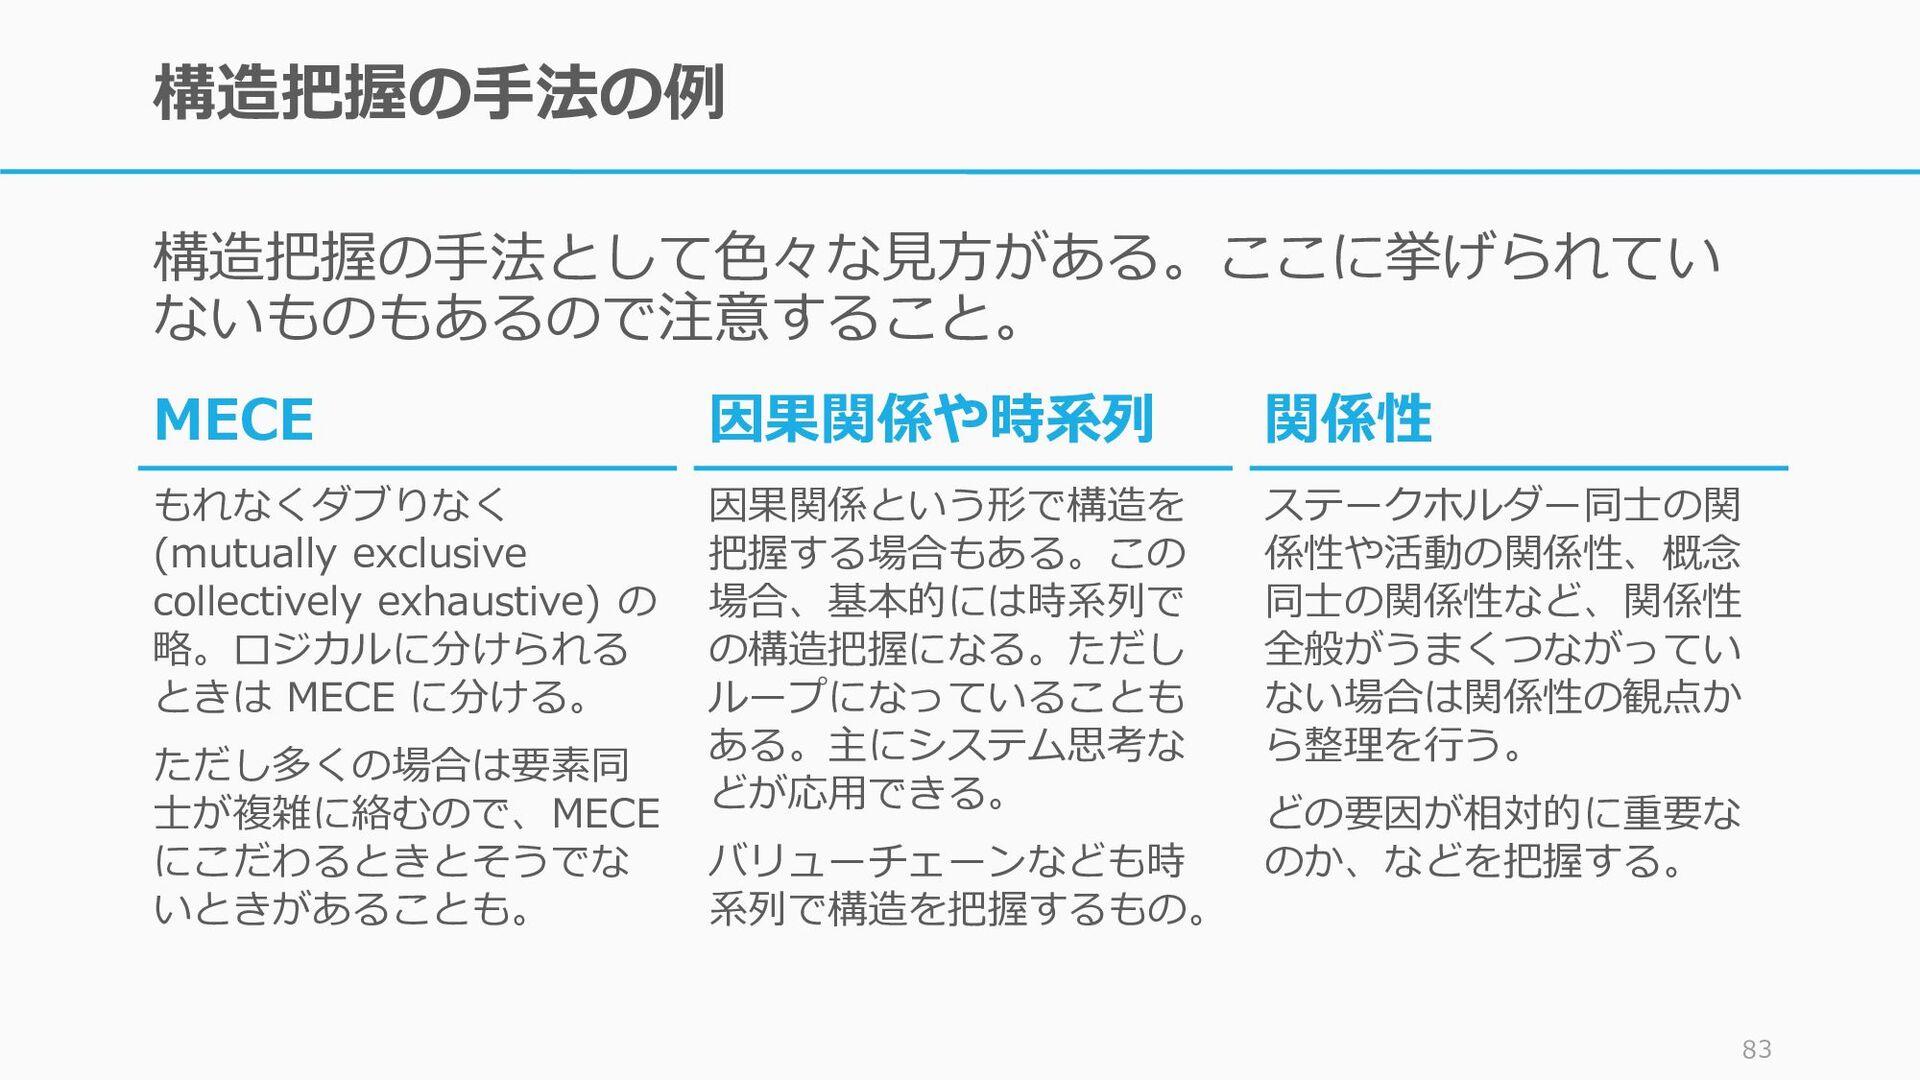 原因分析:コーザリティ分析 (Causal Analysis) 友達が少ない原因は、他人に声を...